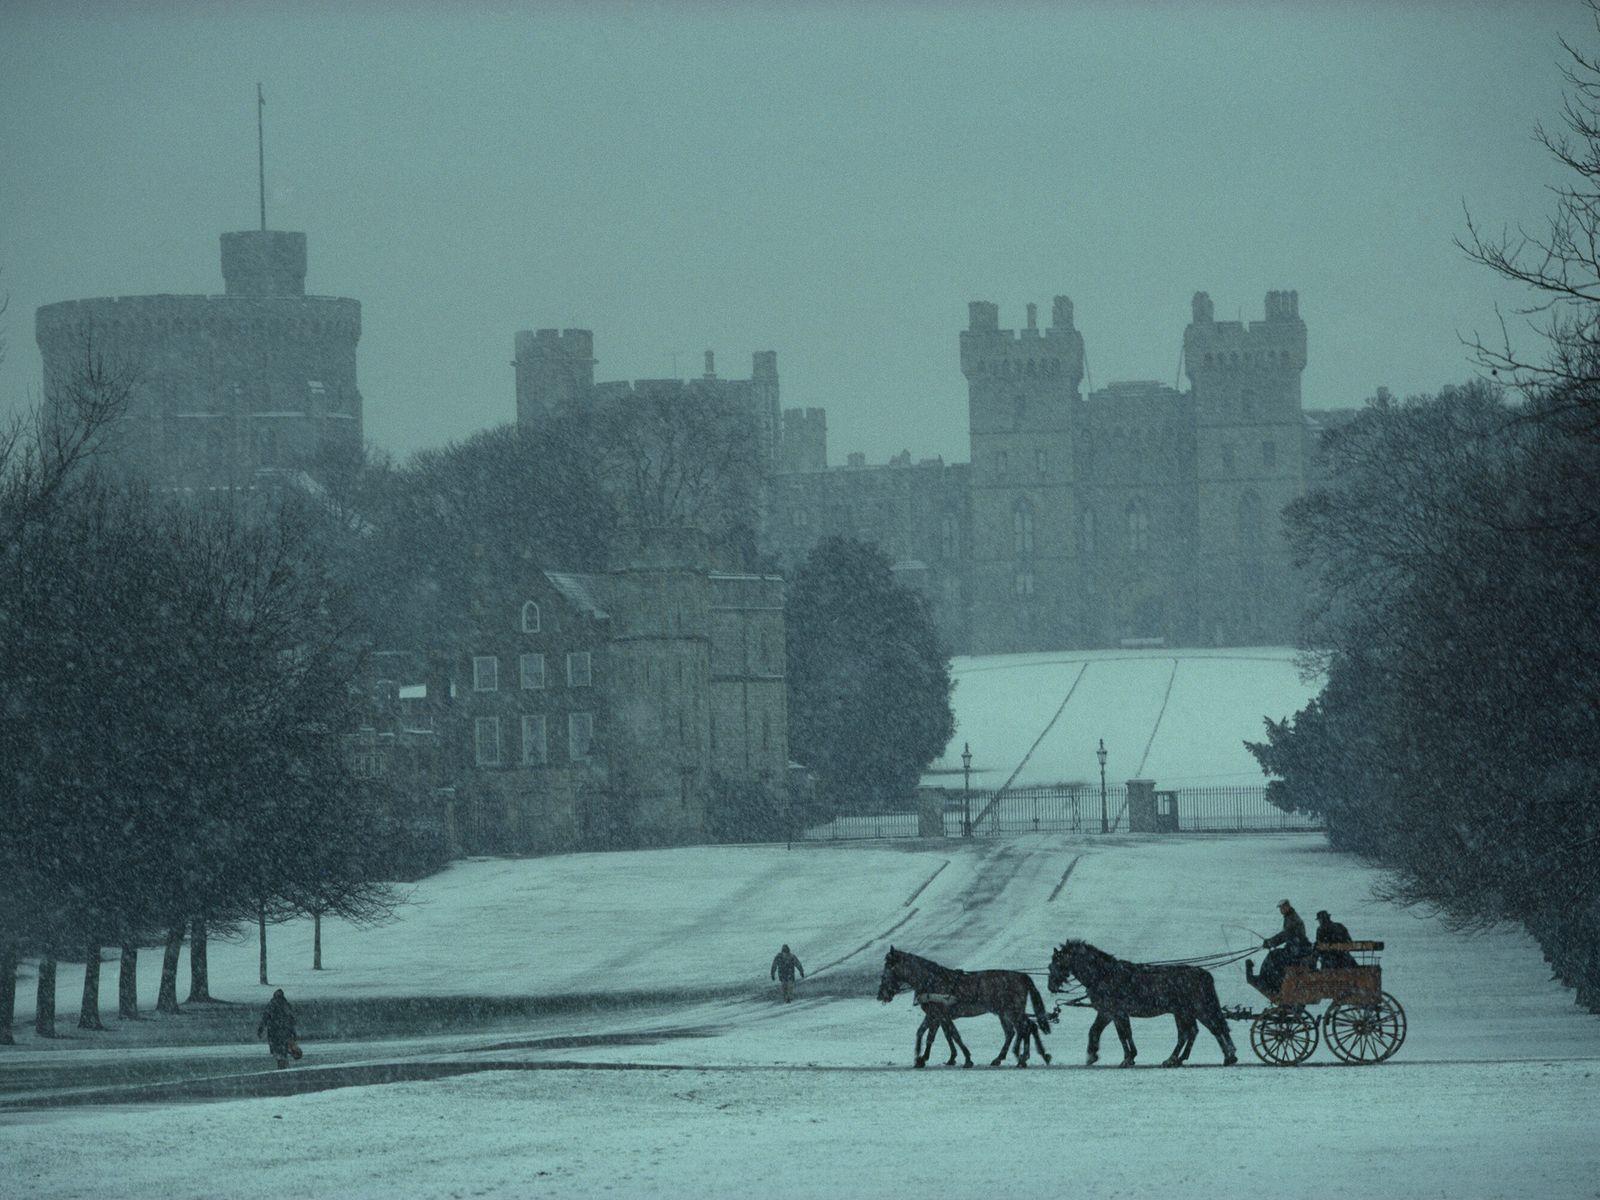 Uma das fotos mais icônicas da história da National Geographic mostra uma carruagem sendo conduzida pelo príncipe ...